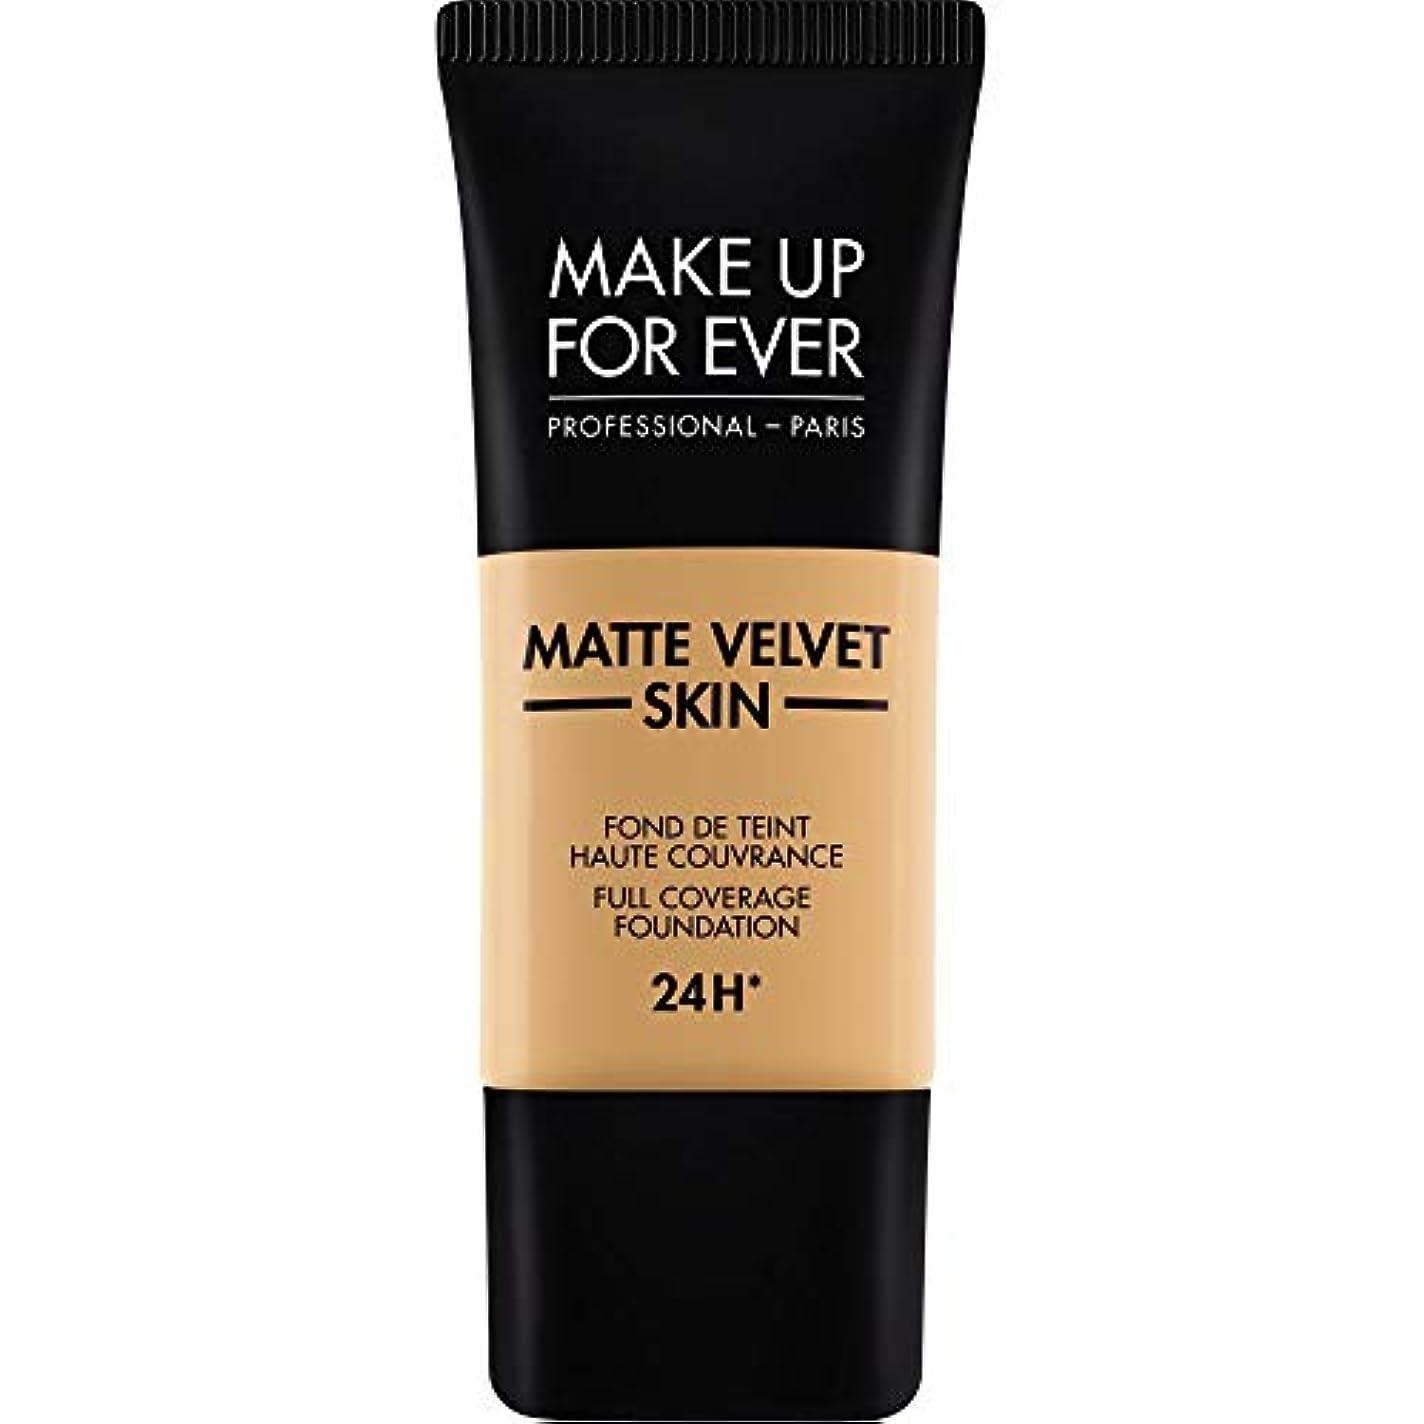 結論侵入接辞[MAKE UP FOR EVER] 黄金の蜂蜜 - これまでマットベルベットの皮膚のフルカバレッジ基礎30ミリリットルのY405を補います - MAKE UP FOR EVER Matte Velvet Skin Full...